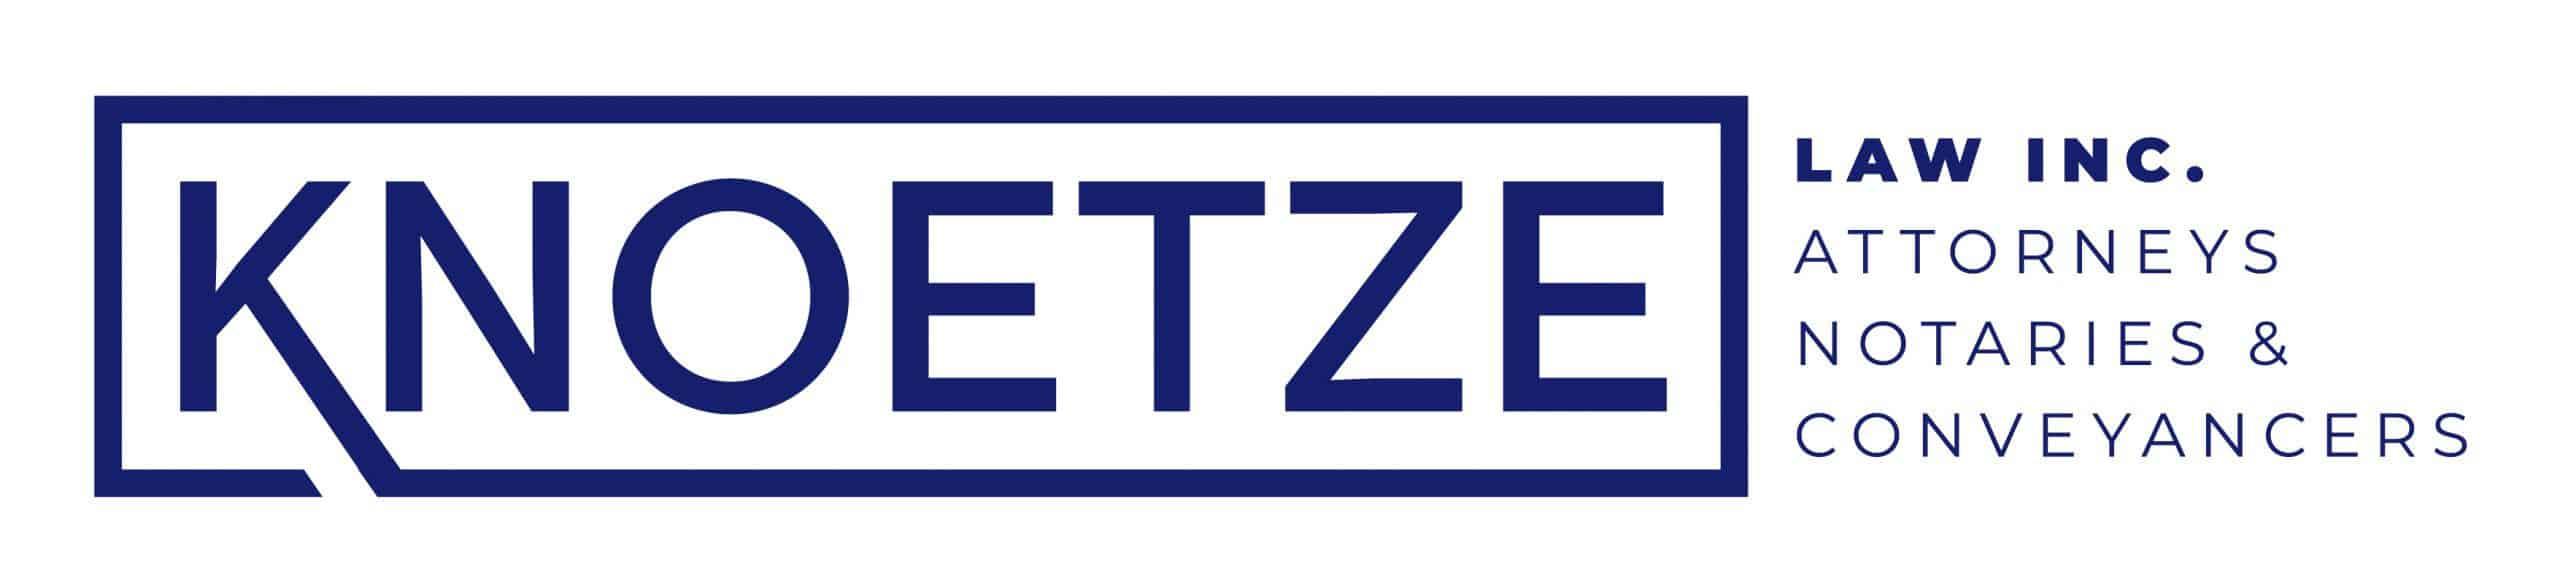 Knoetzel